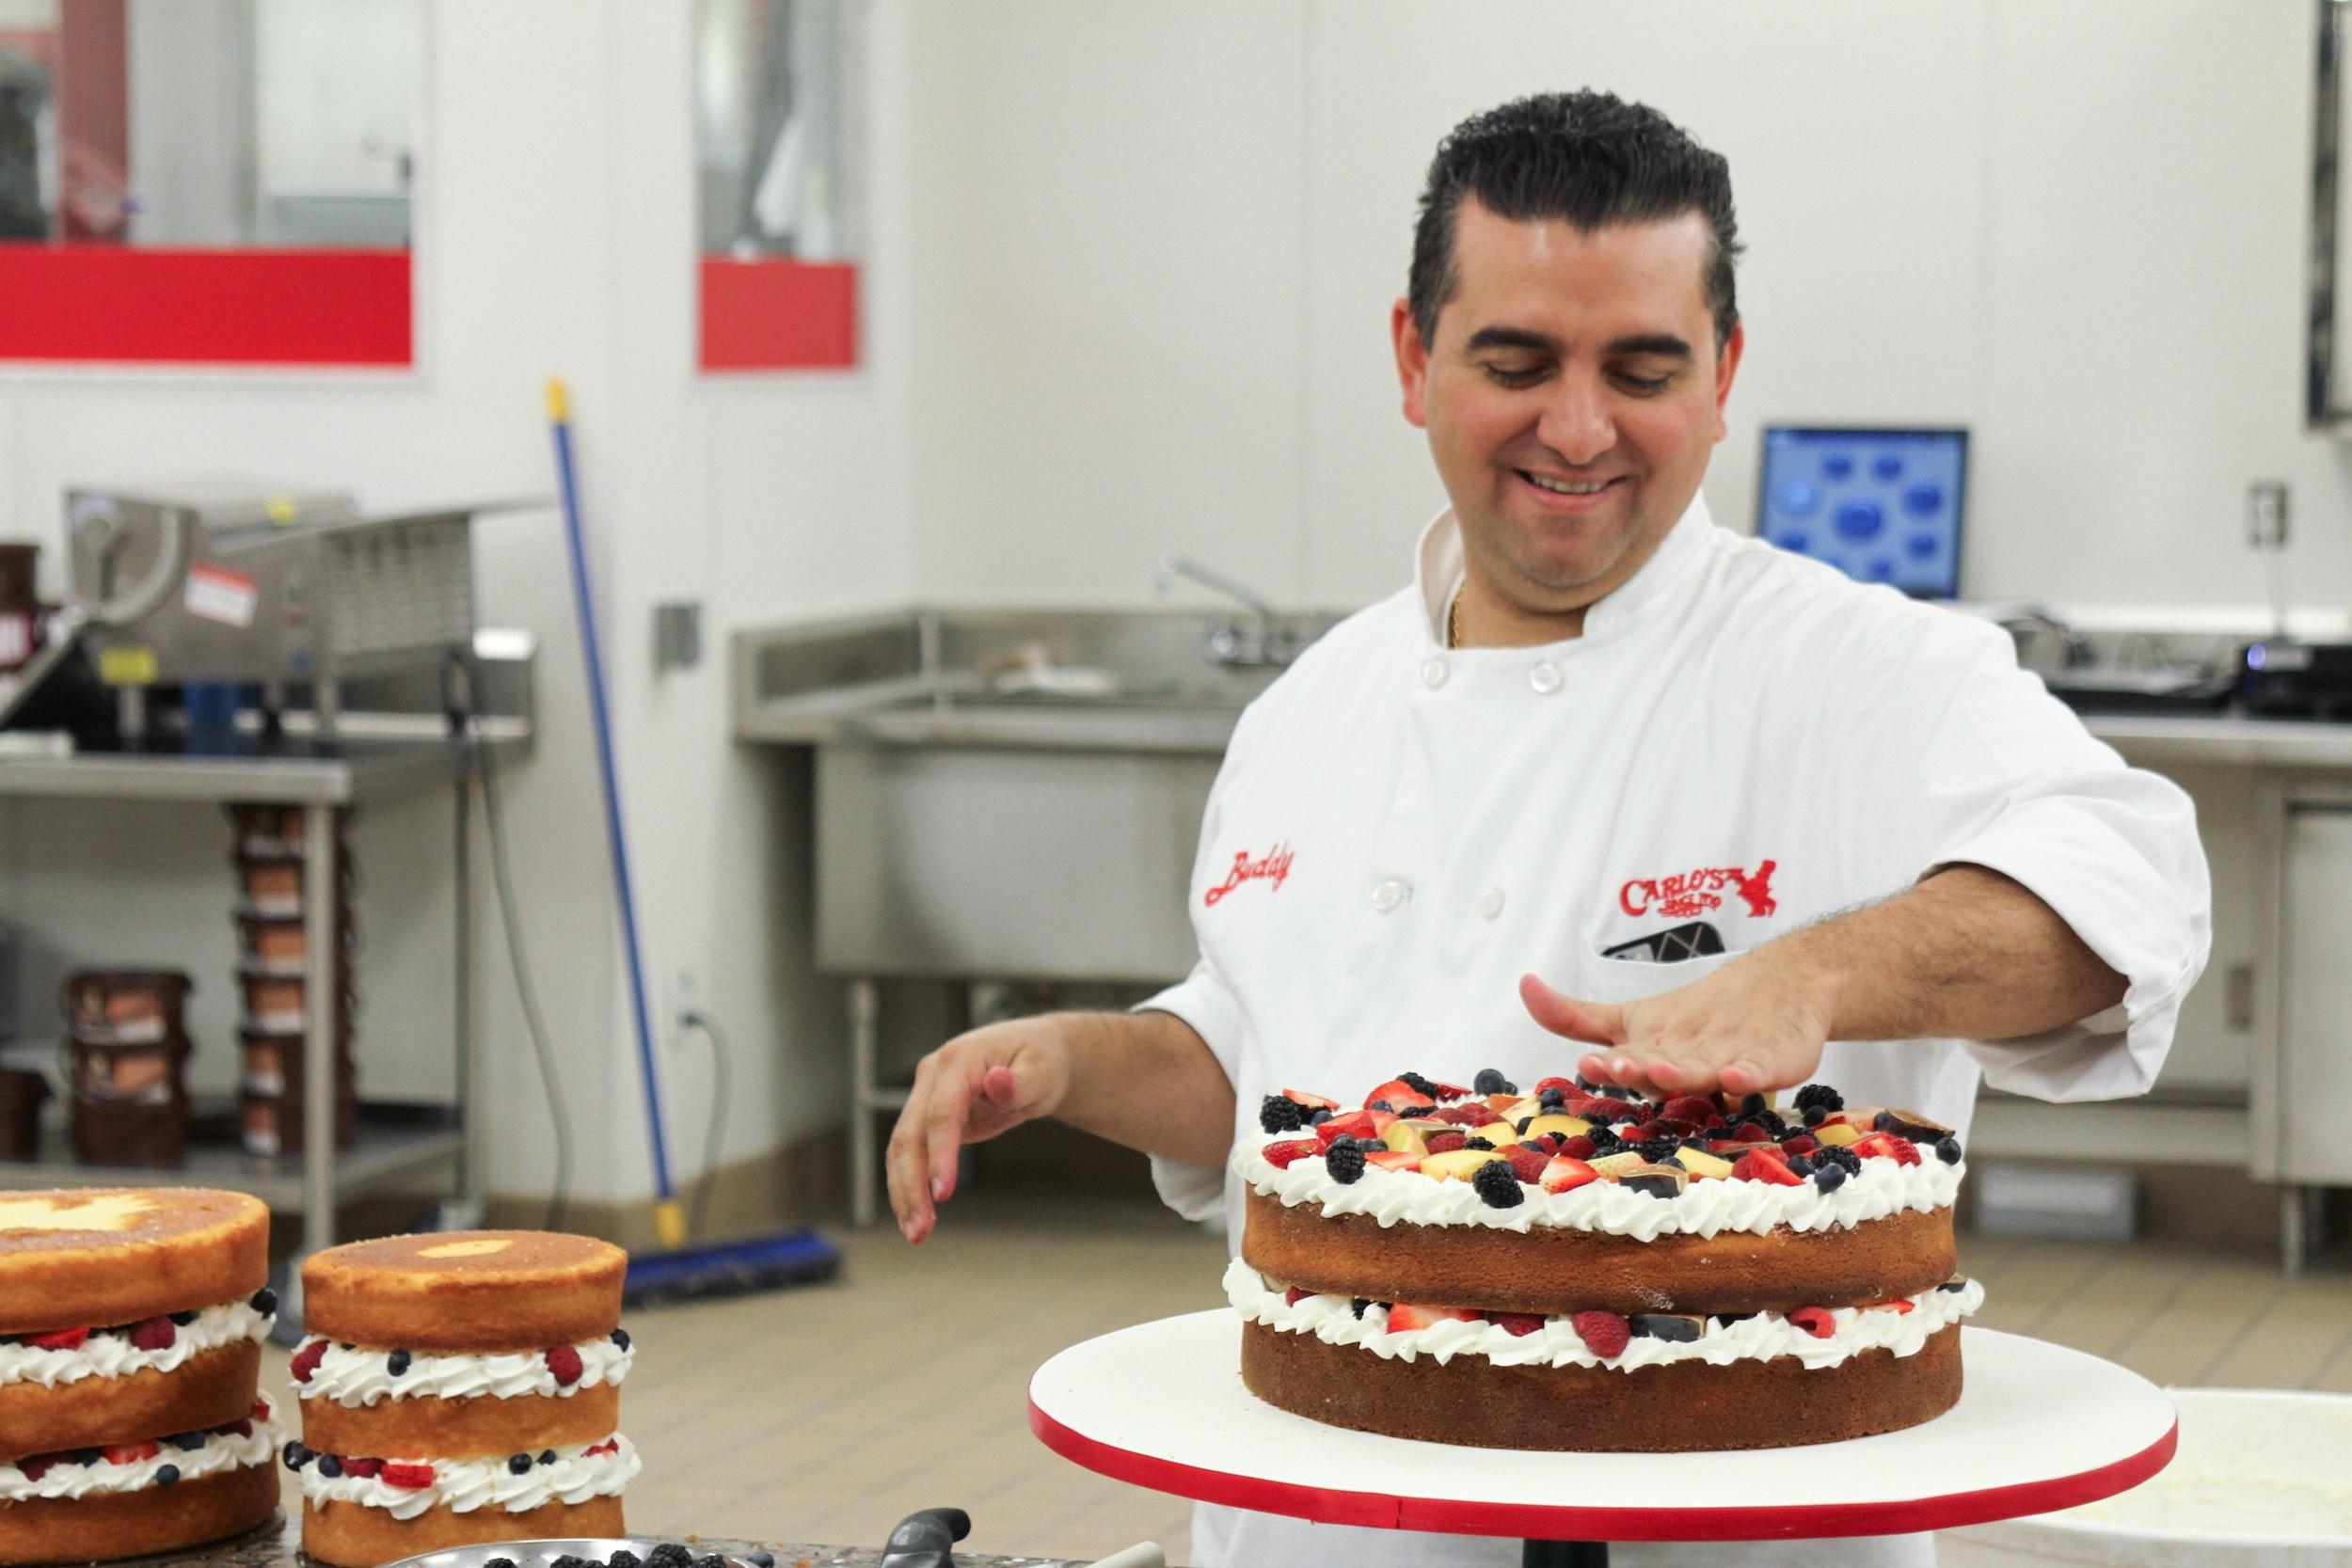 Cake Making Tv Series